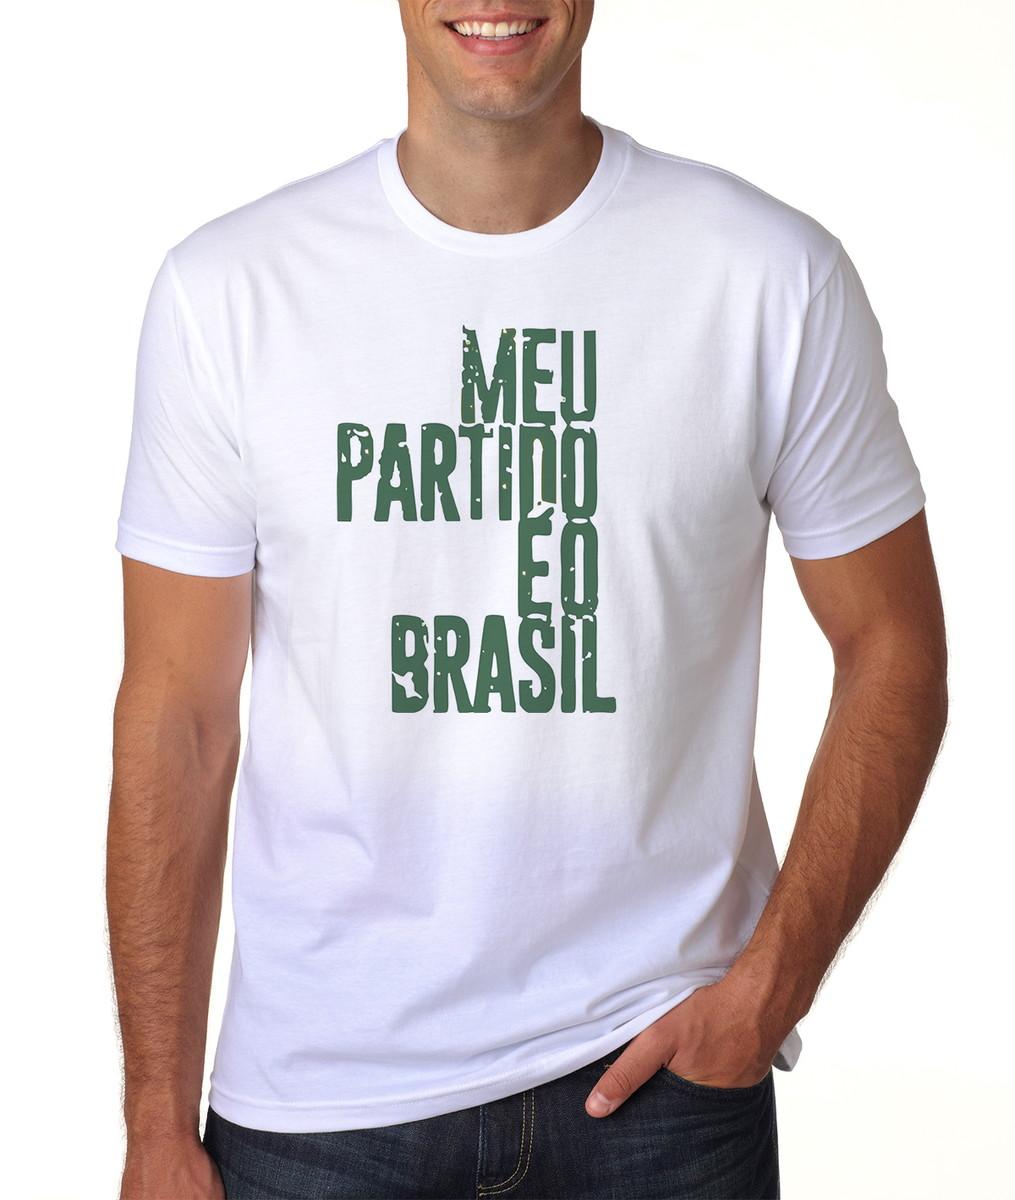 6a10f4ccedfe4 Camisa Camiseta Jair Bolsonaro Meu Partido É O Brasil 2018 no Elo7 ...